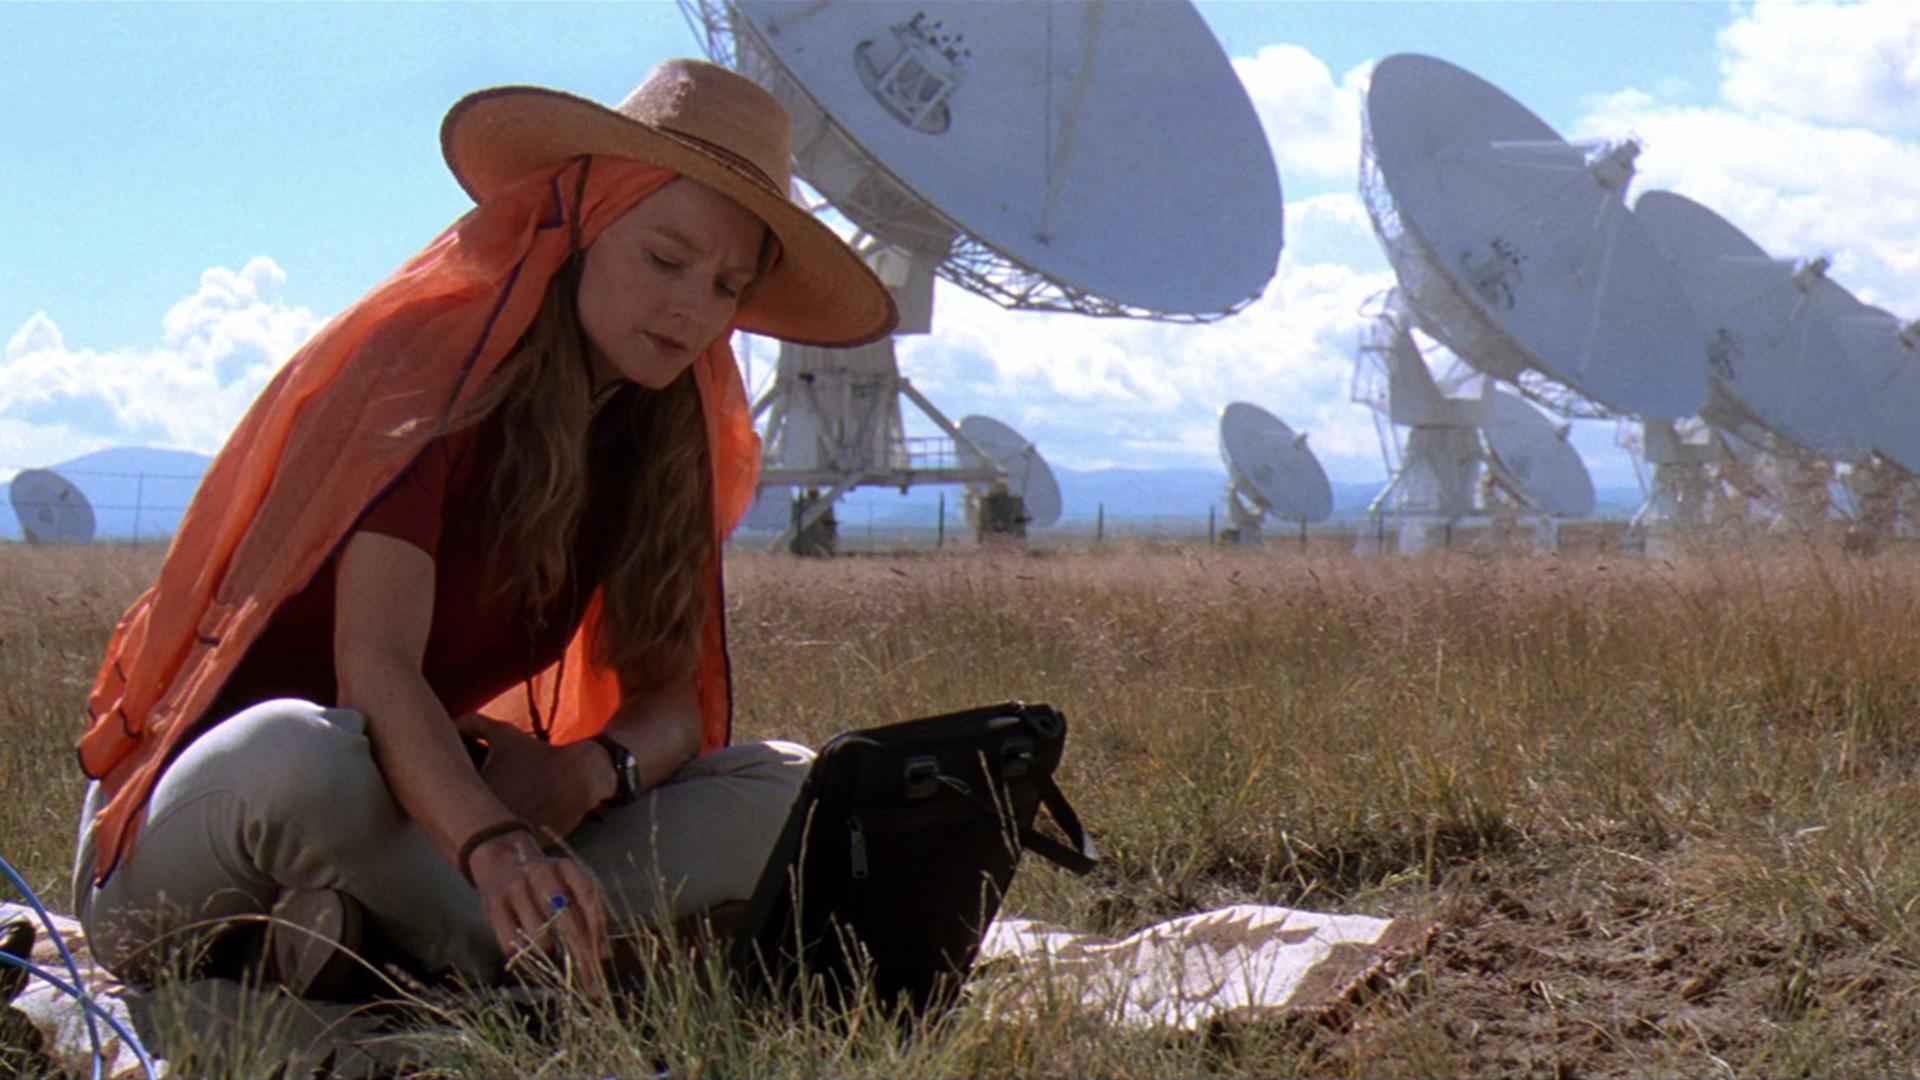 10 лучших фильмов про инопланетян, военные вторжения и контакты с внеземными цивилизациями